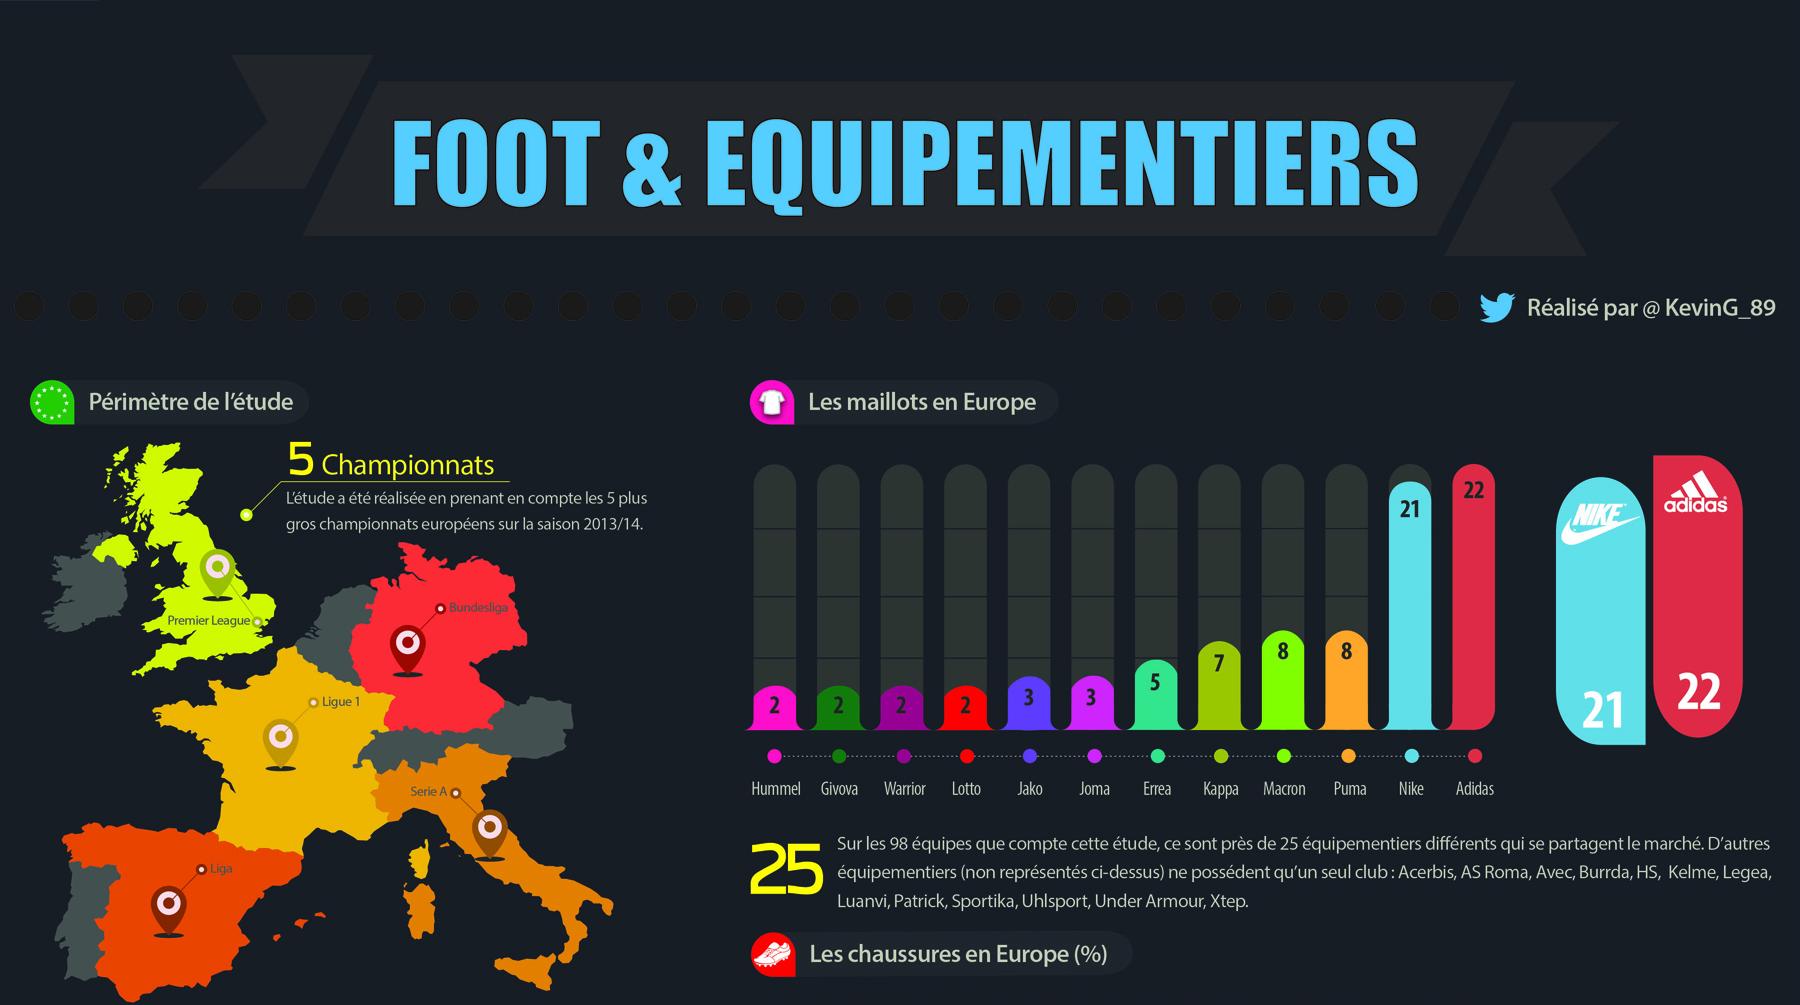 Et Infographie Équipementiers Saison Football Les Sur La Le 2013 Owwr4